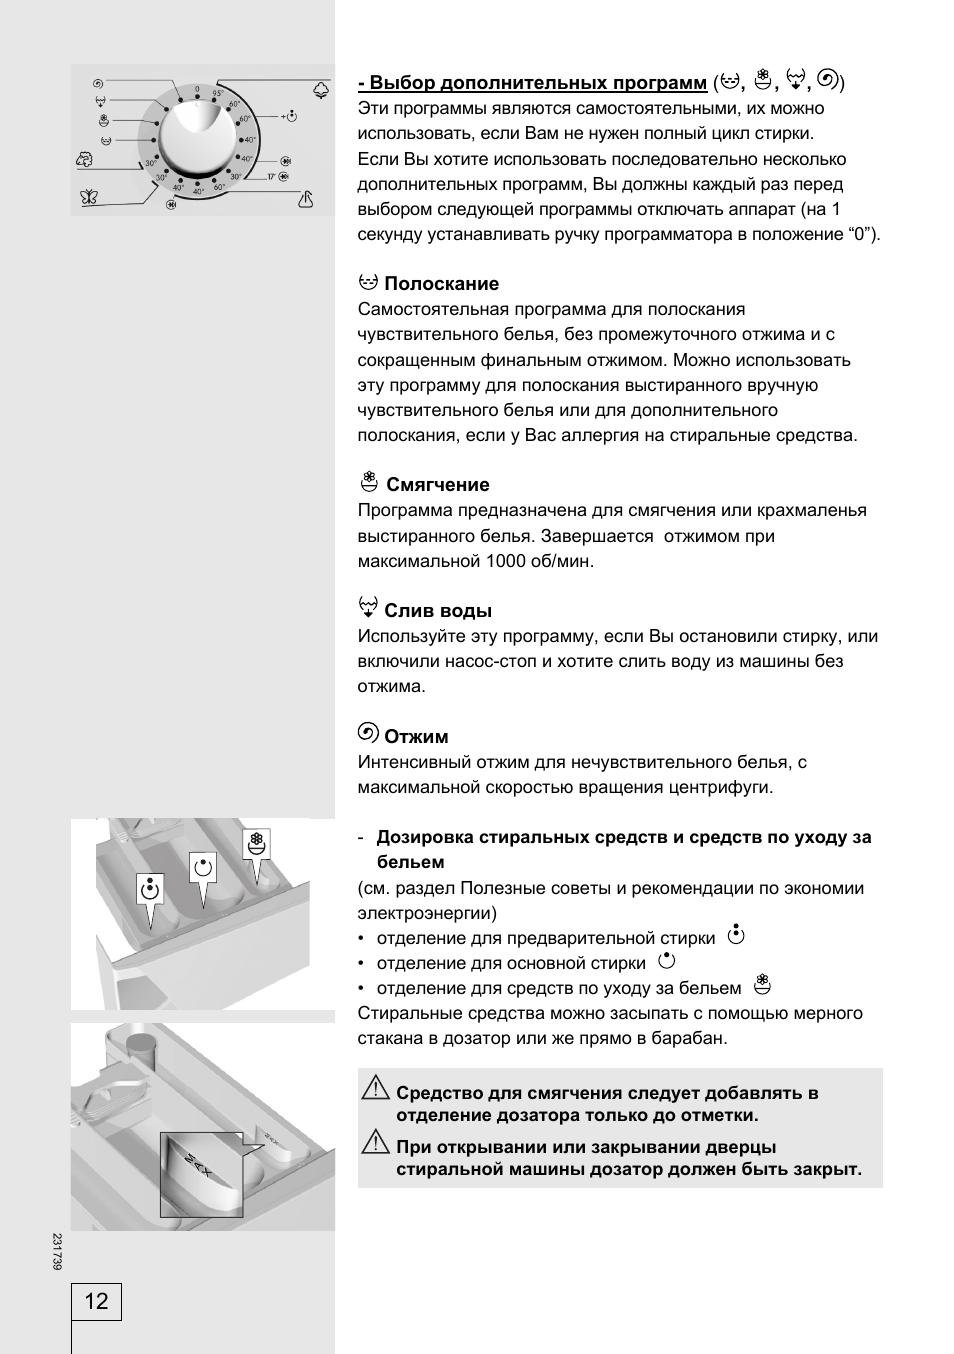 инструкция по пользованию стиральной машиной горенье автомат с резервуаром wa 60065 r